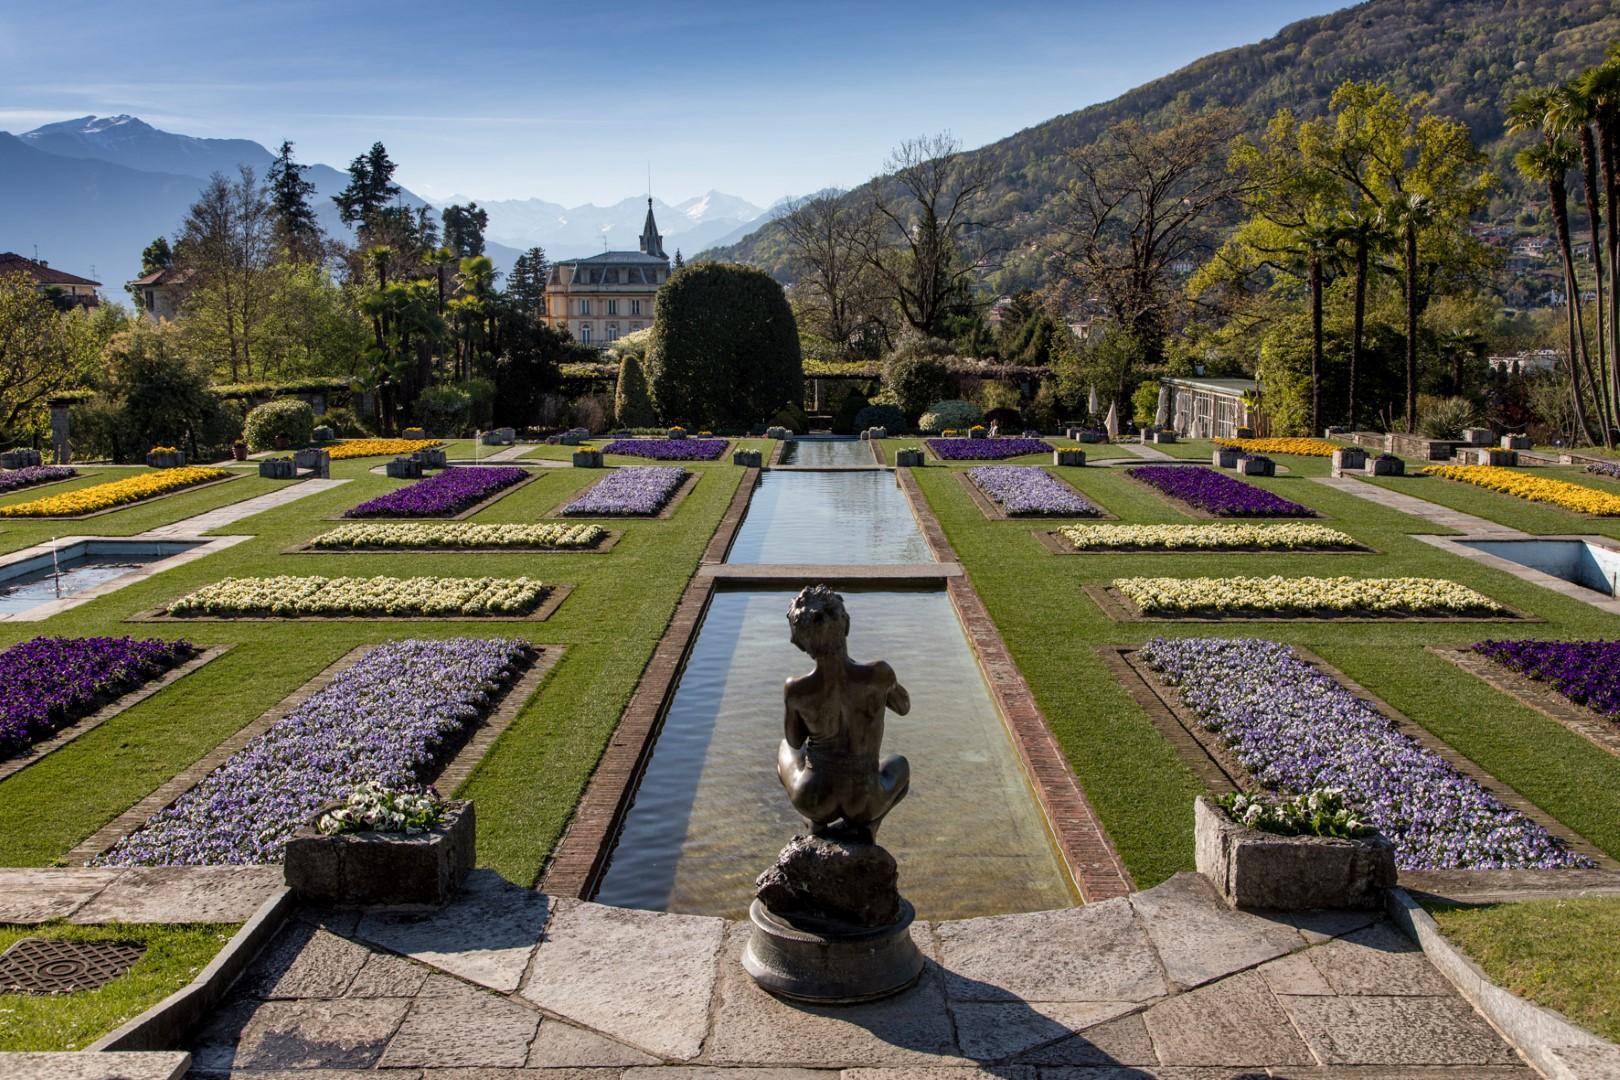 Villa Taranto: festa dei tulipani in un paradiso green